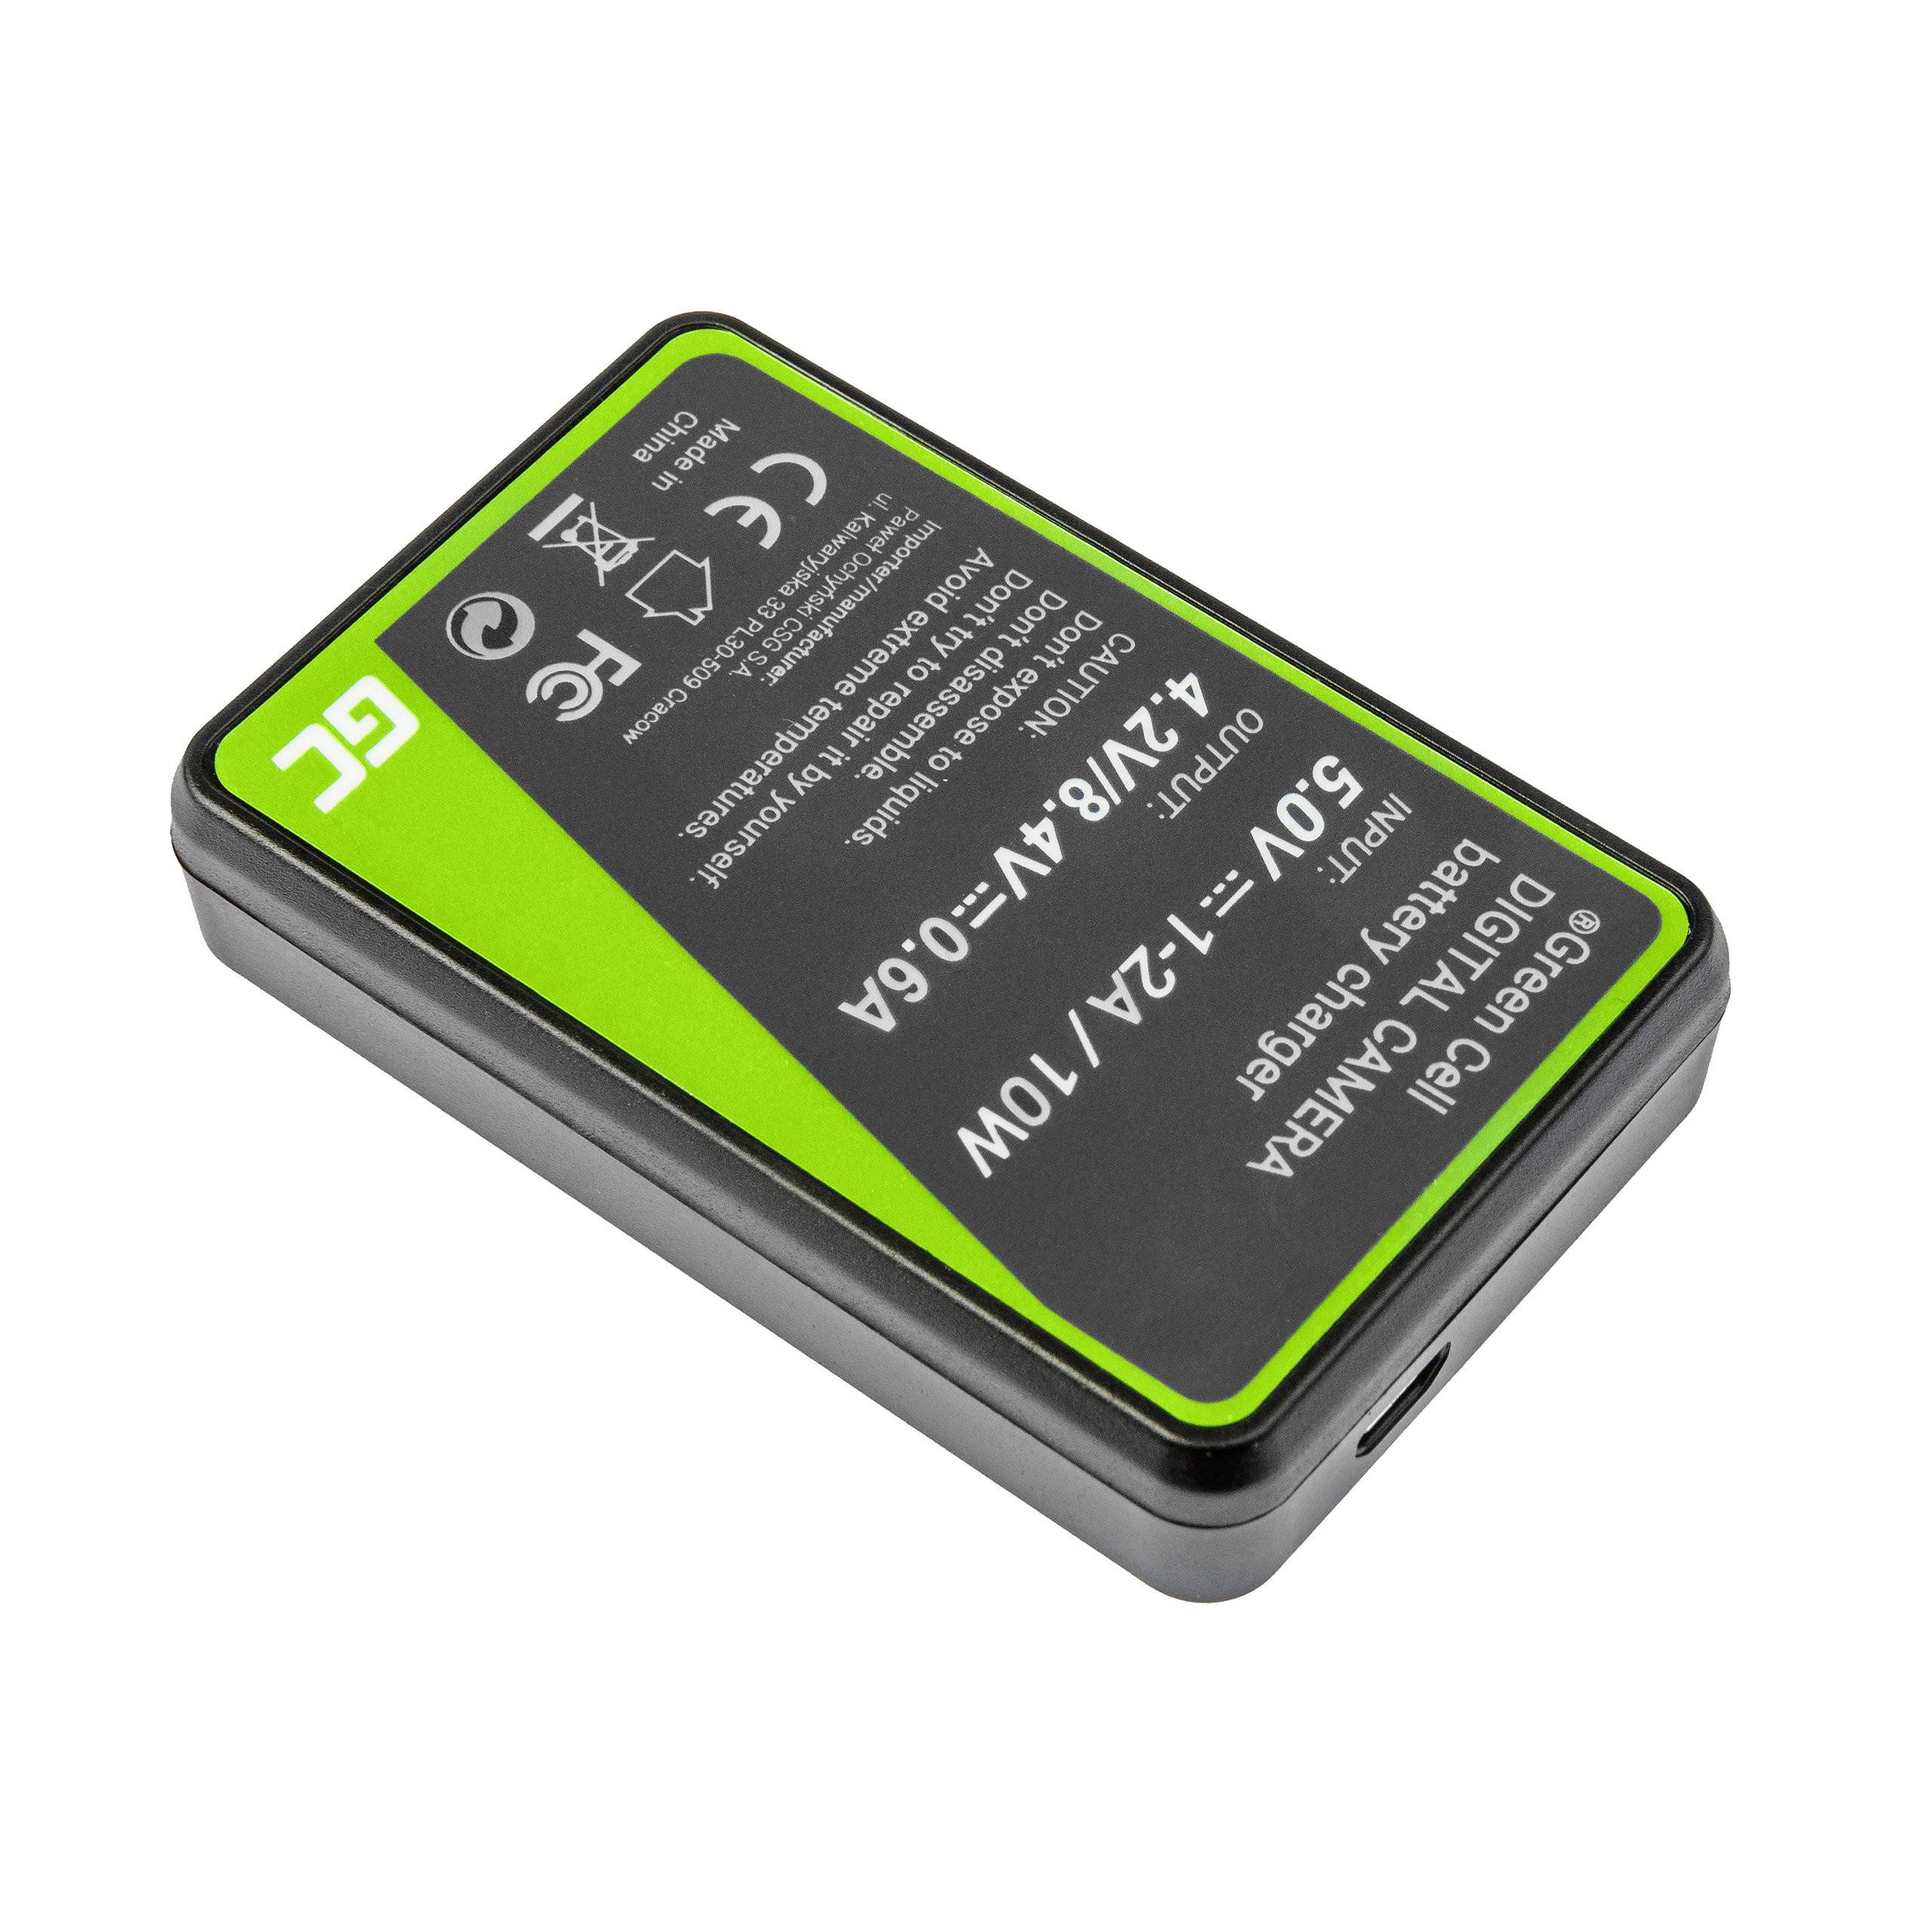 Green Cell Nabíječka BC-TRX pro Sony Action Cam HDR-AS10 HDR-AS20 HDR-AS300 HDR-AS50 FDR-X1000V DSC-H400